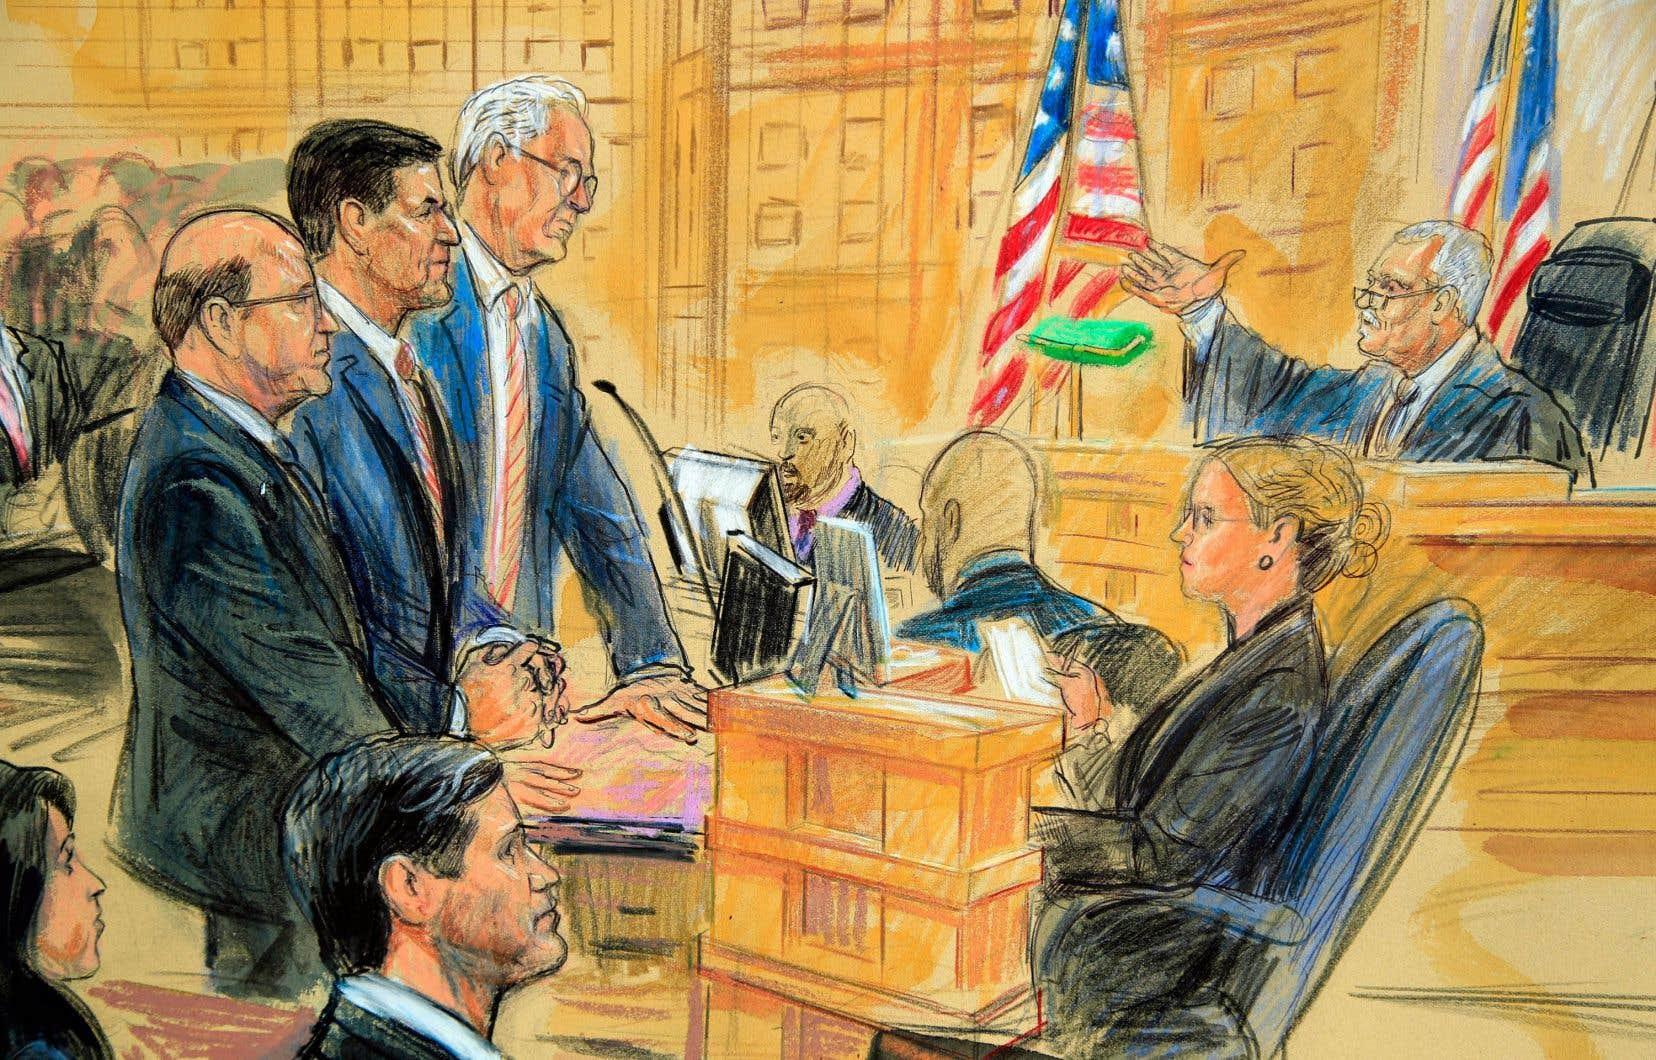 Le juge Emmet Sullivan, du Tribunal fédéral de Washington, a manifesté son mépris mardi pour Michael Flynn, ancien conseiller de Donald Trump, poursuivi pour avoir cherché à dissimuler ses contacts avec des Russes.